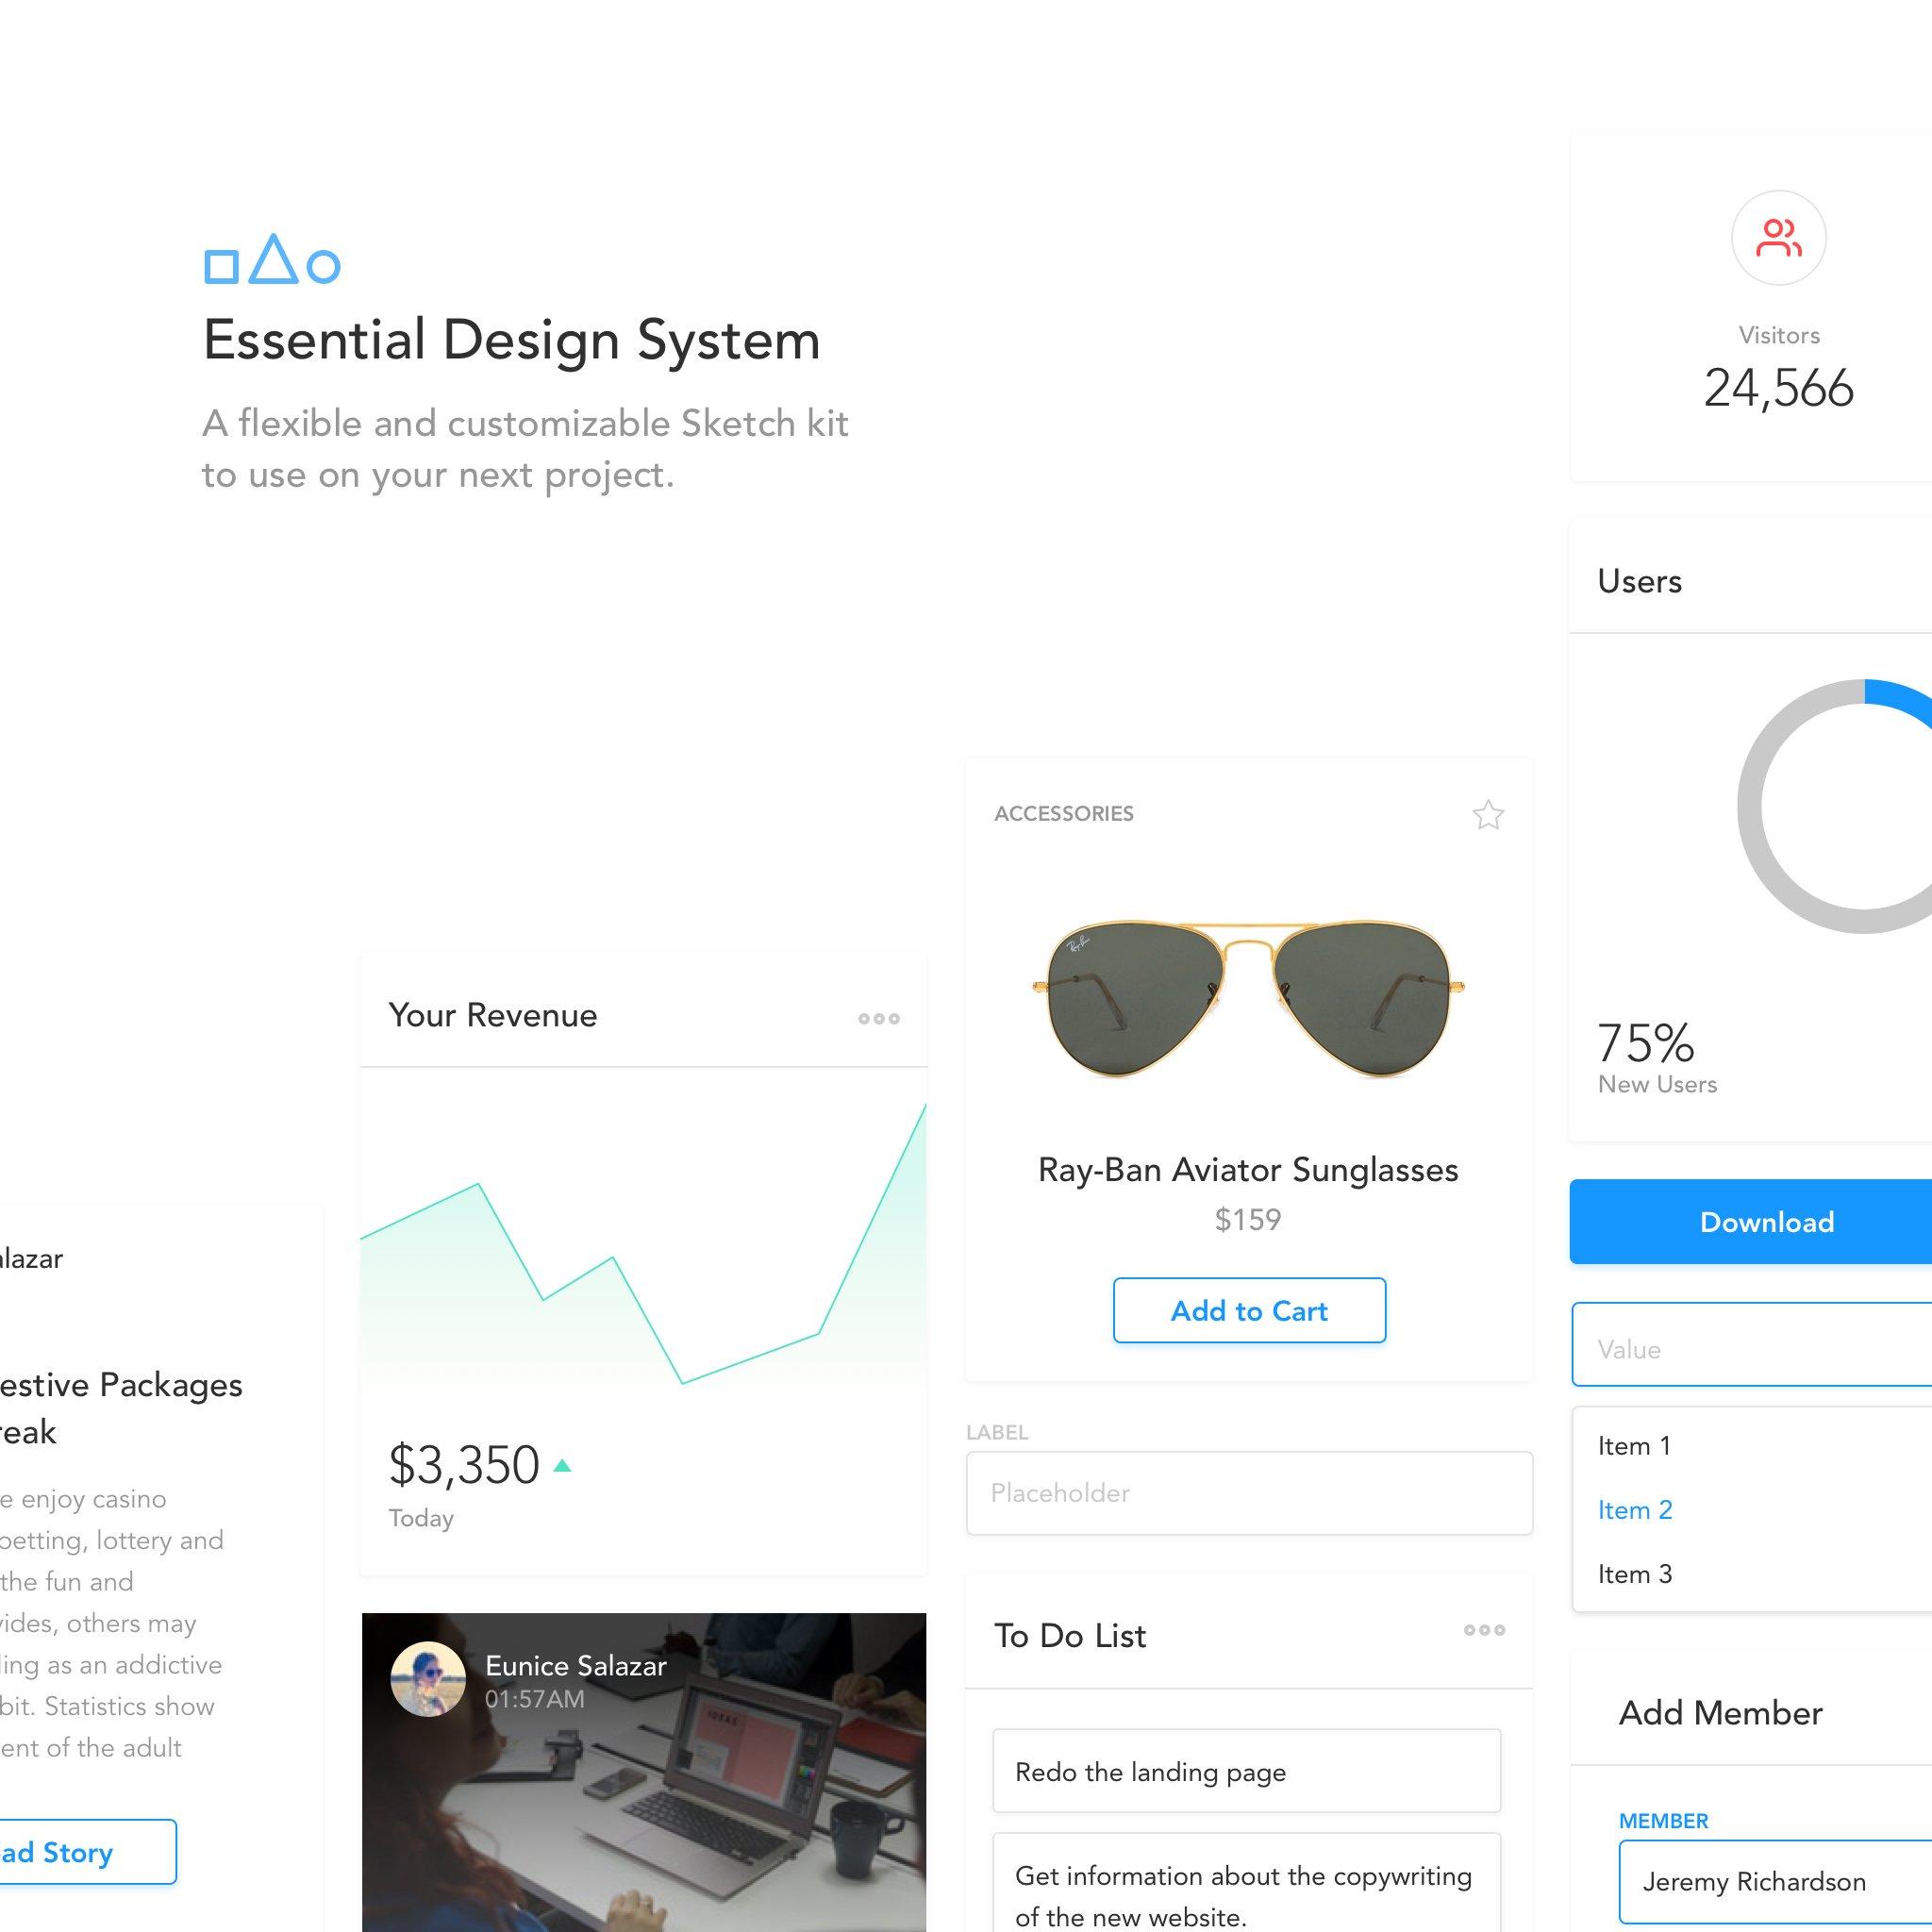 Essentials Design System